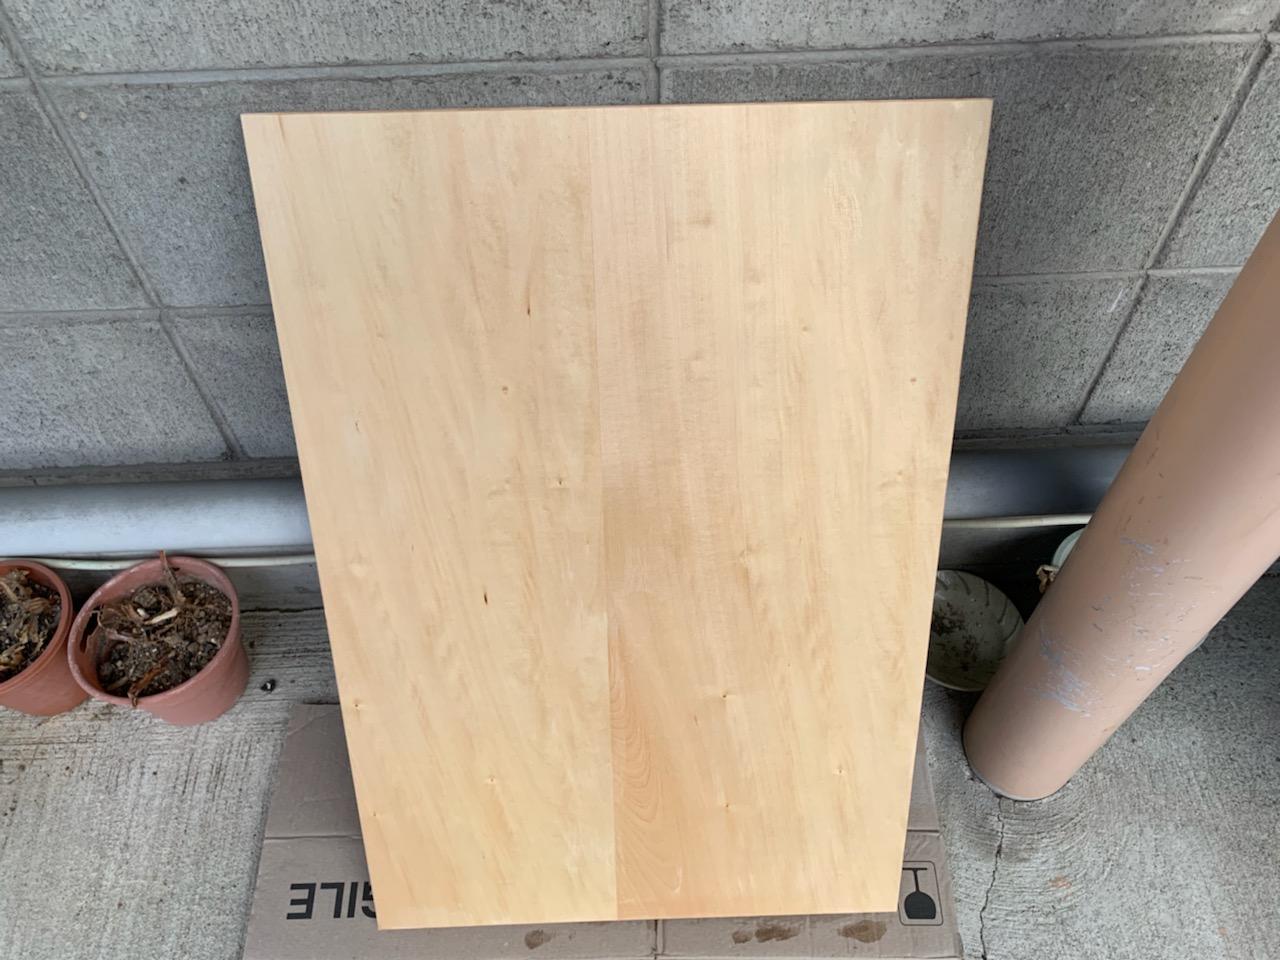 福島市泉で使用する可動式間仕切り棚の水染み防止塗装